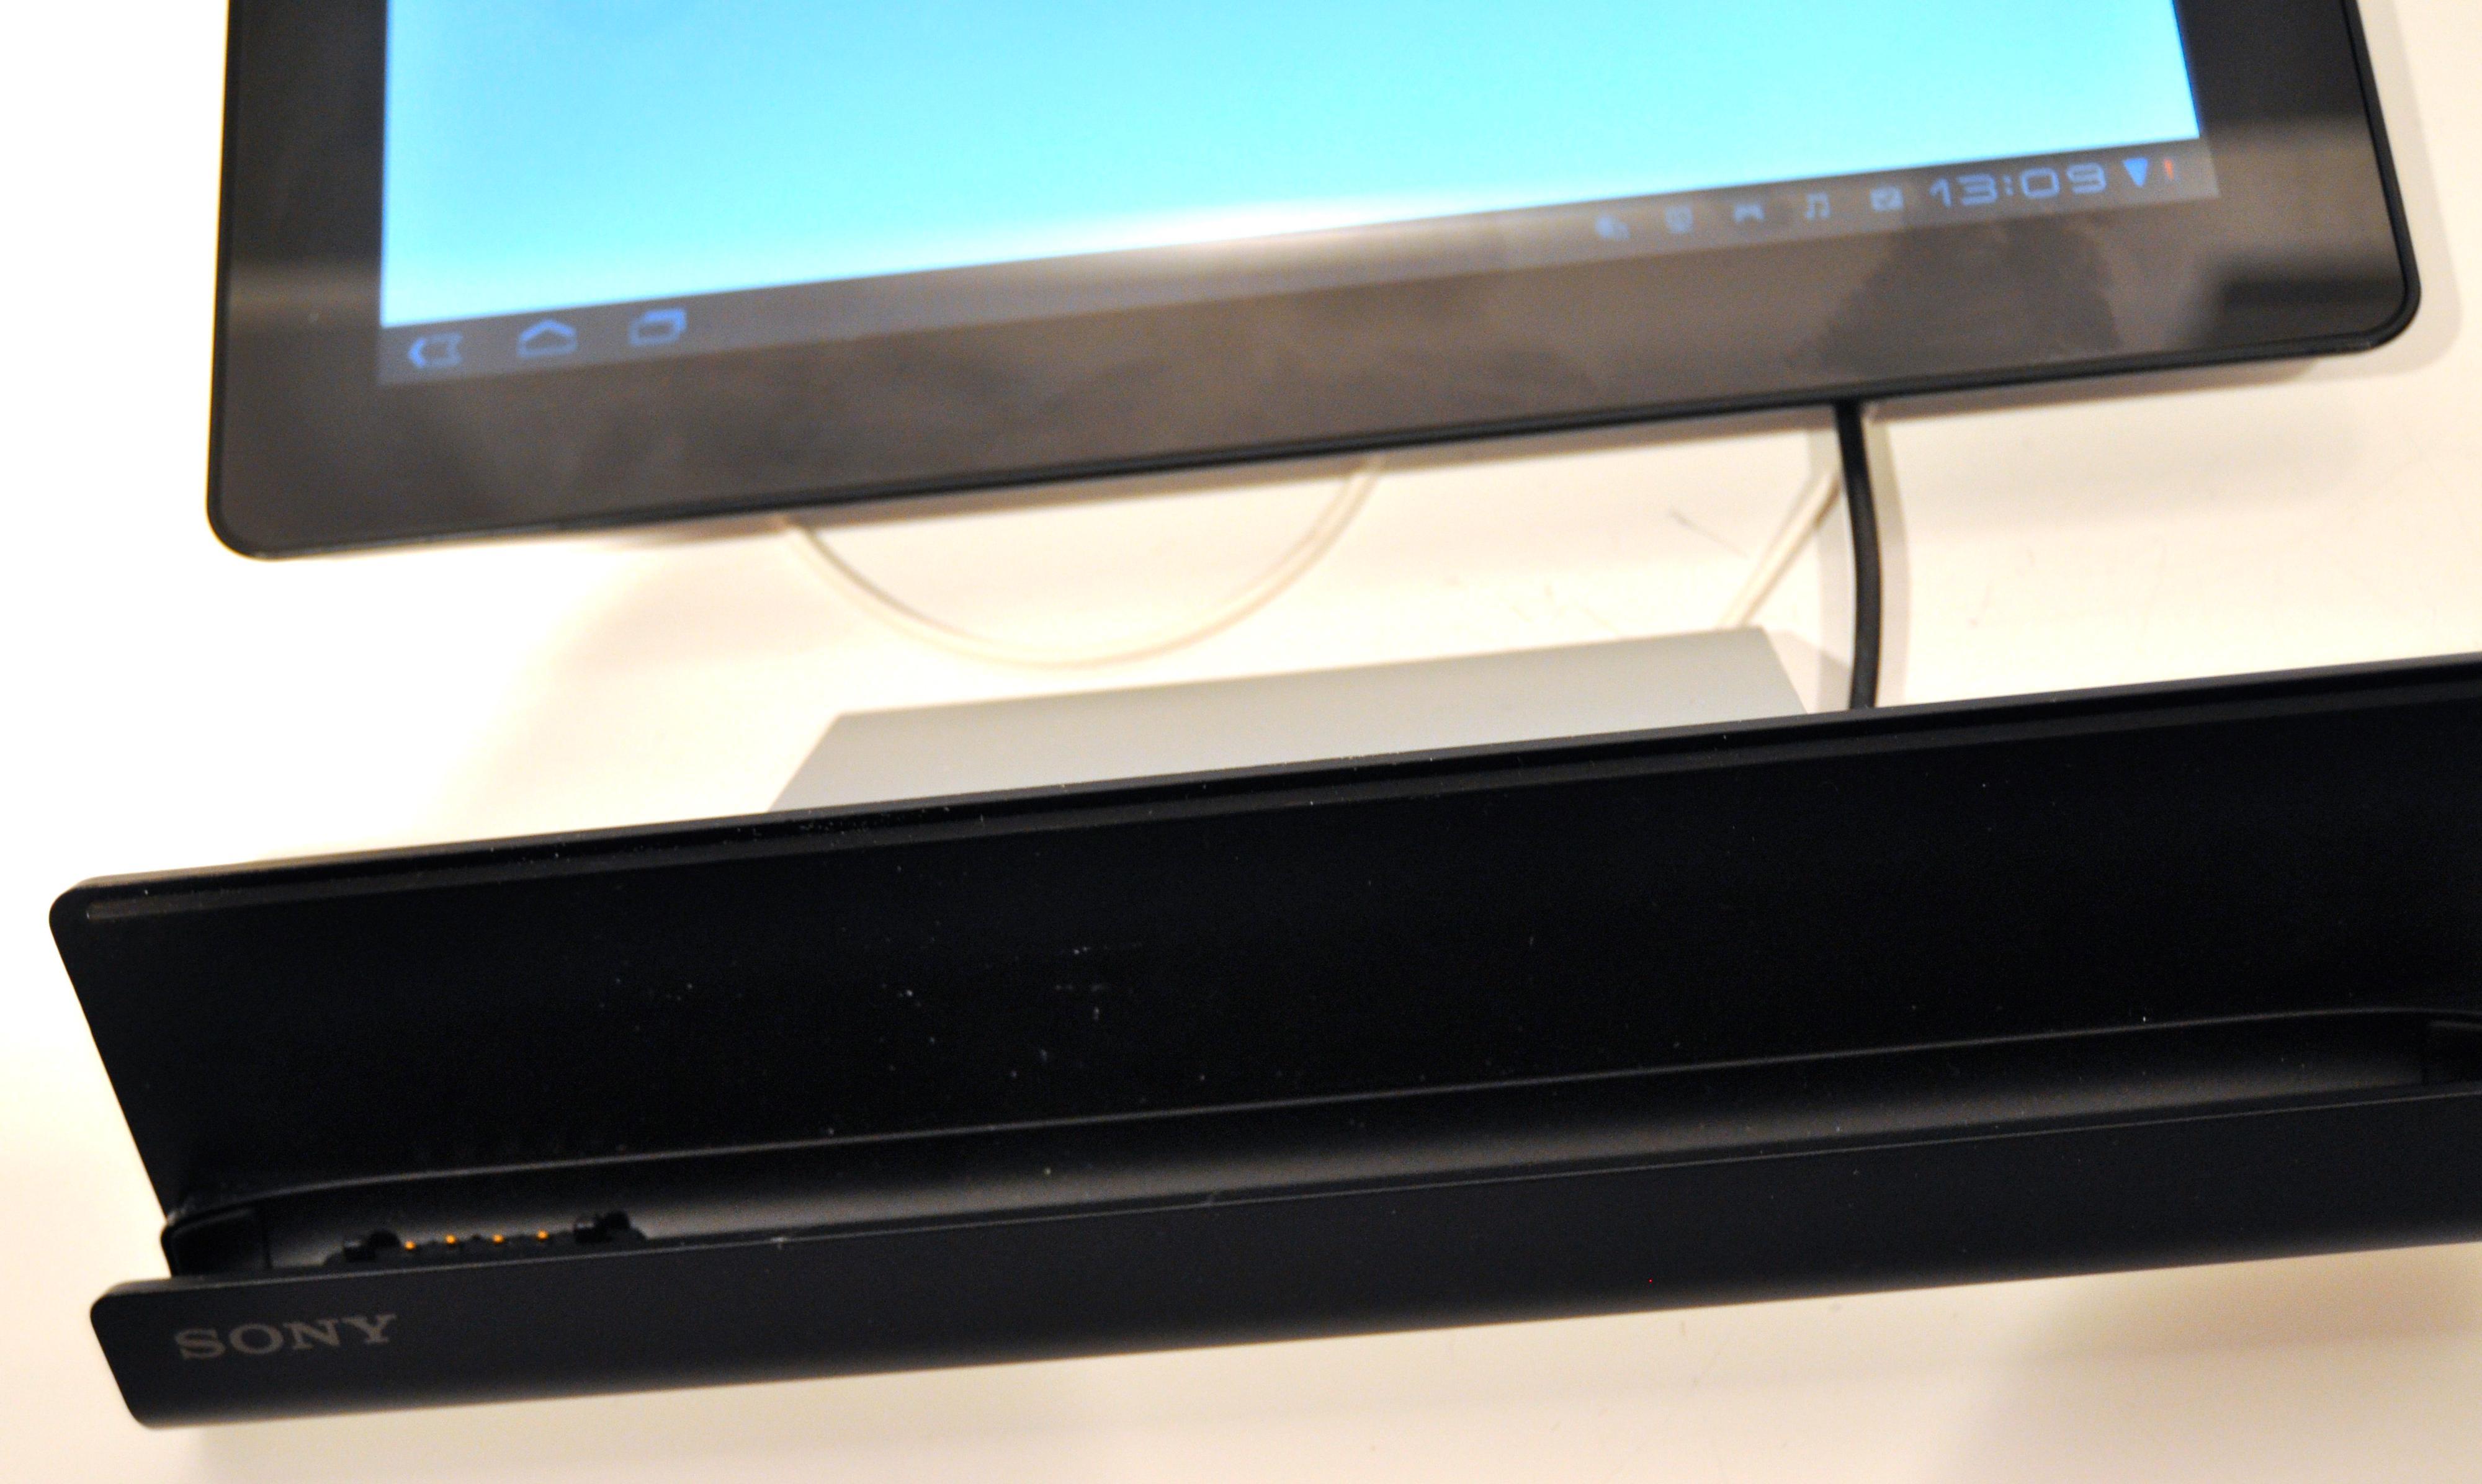 Sony har laget mye tilbehør for Tablet S, men ingenting av det følger med. Her er en ladekrybbe. Du får også kjøpt overgang til vanlig USB-inngang.